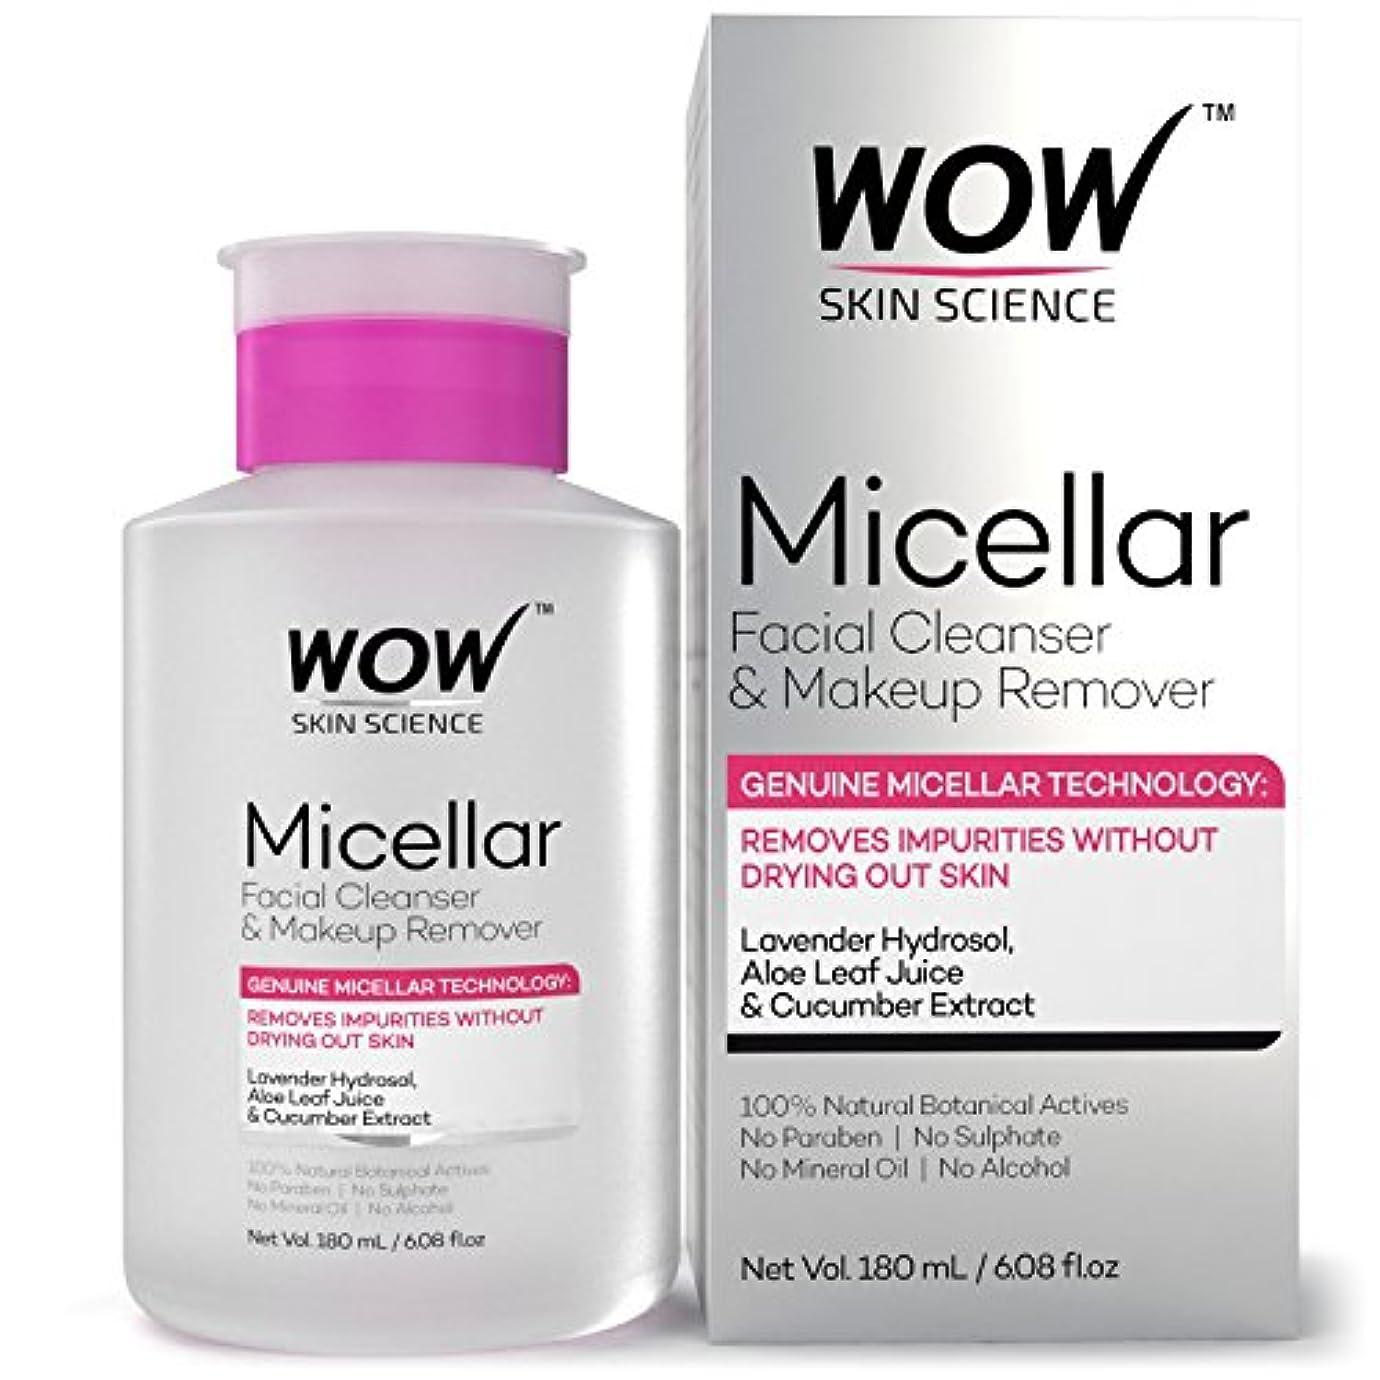 消毒する先生貢献WOW Micellar Facial Cleanser & Make Up Remover No Parabens, Sulphates, Mineral Oil, Alcohol & Synthetic Fragrance...